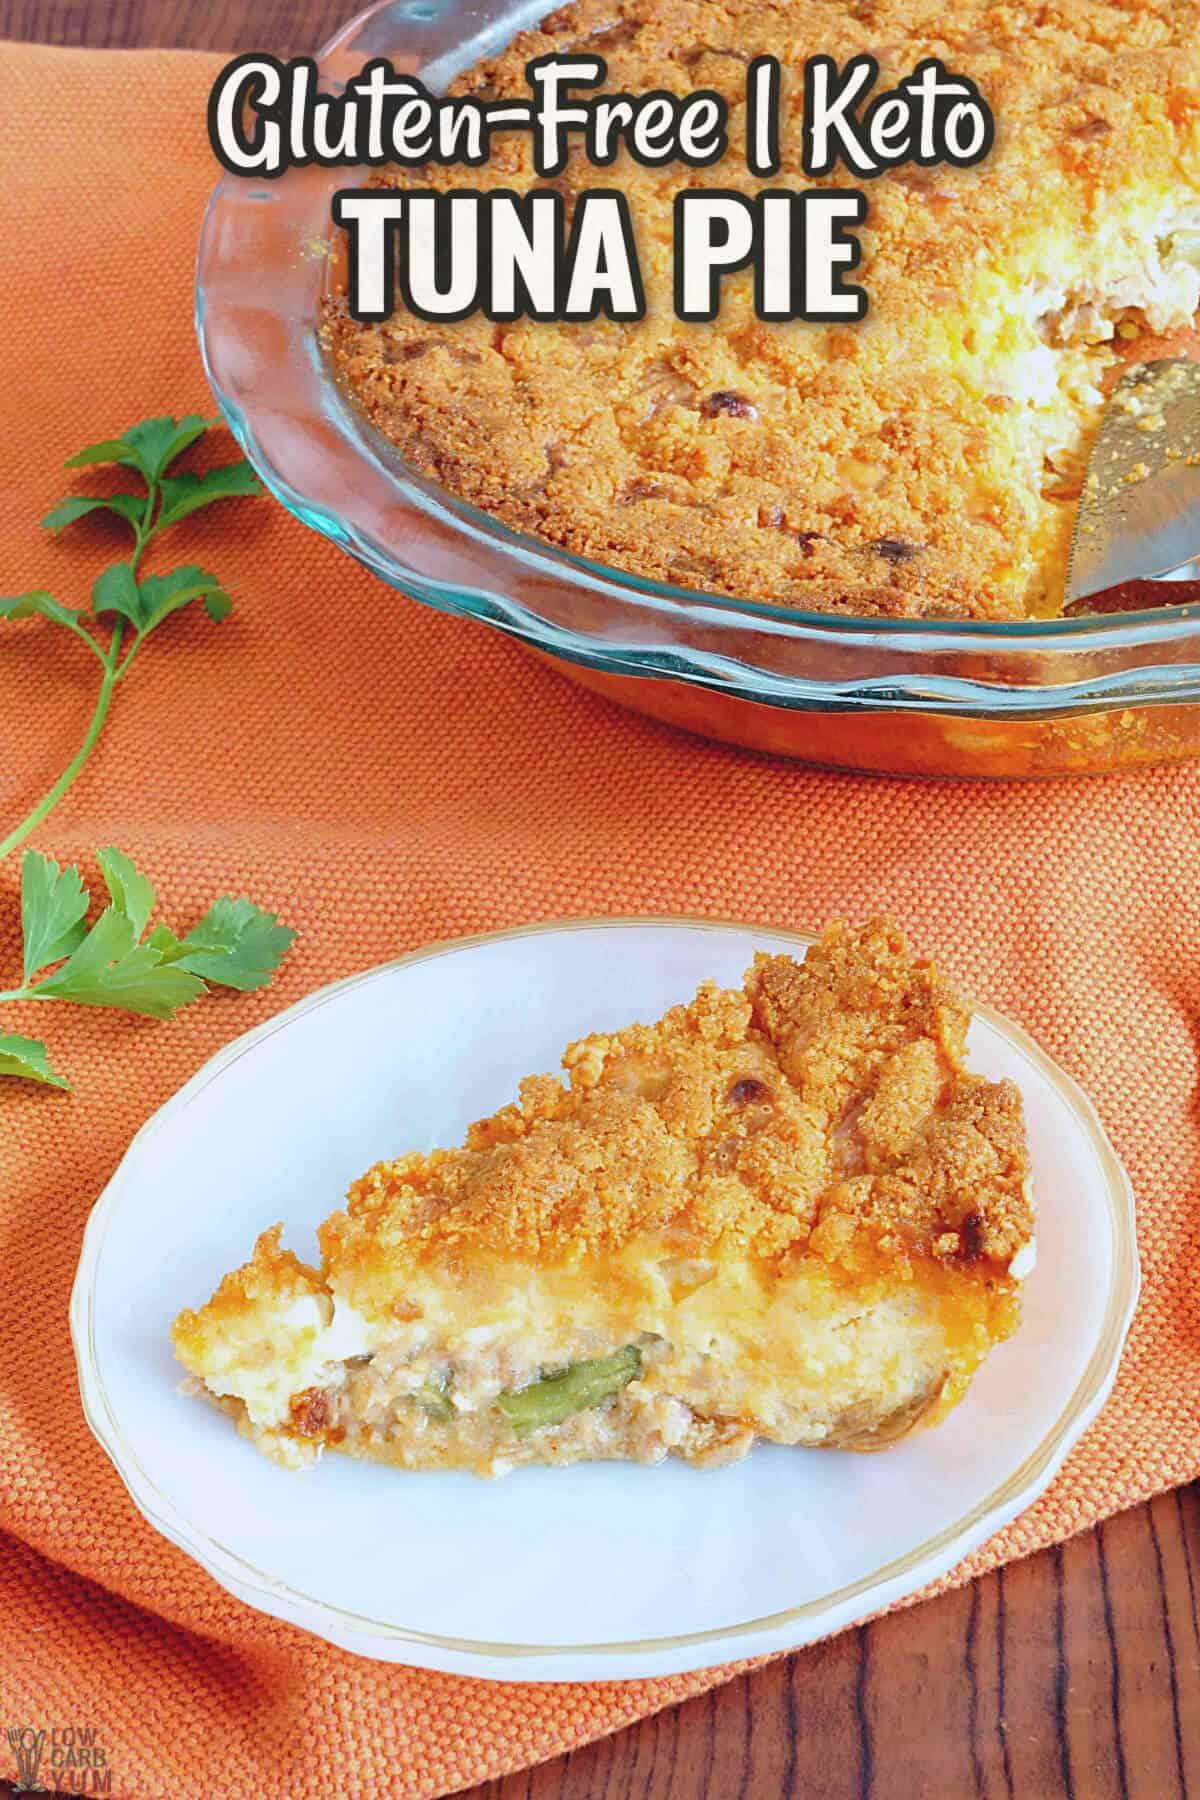 tuna pie cover image